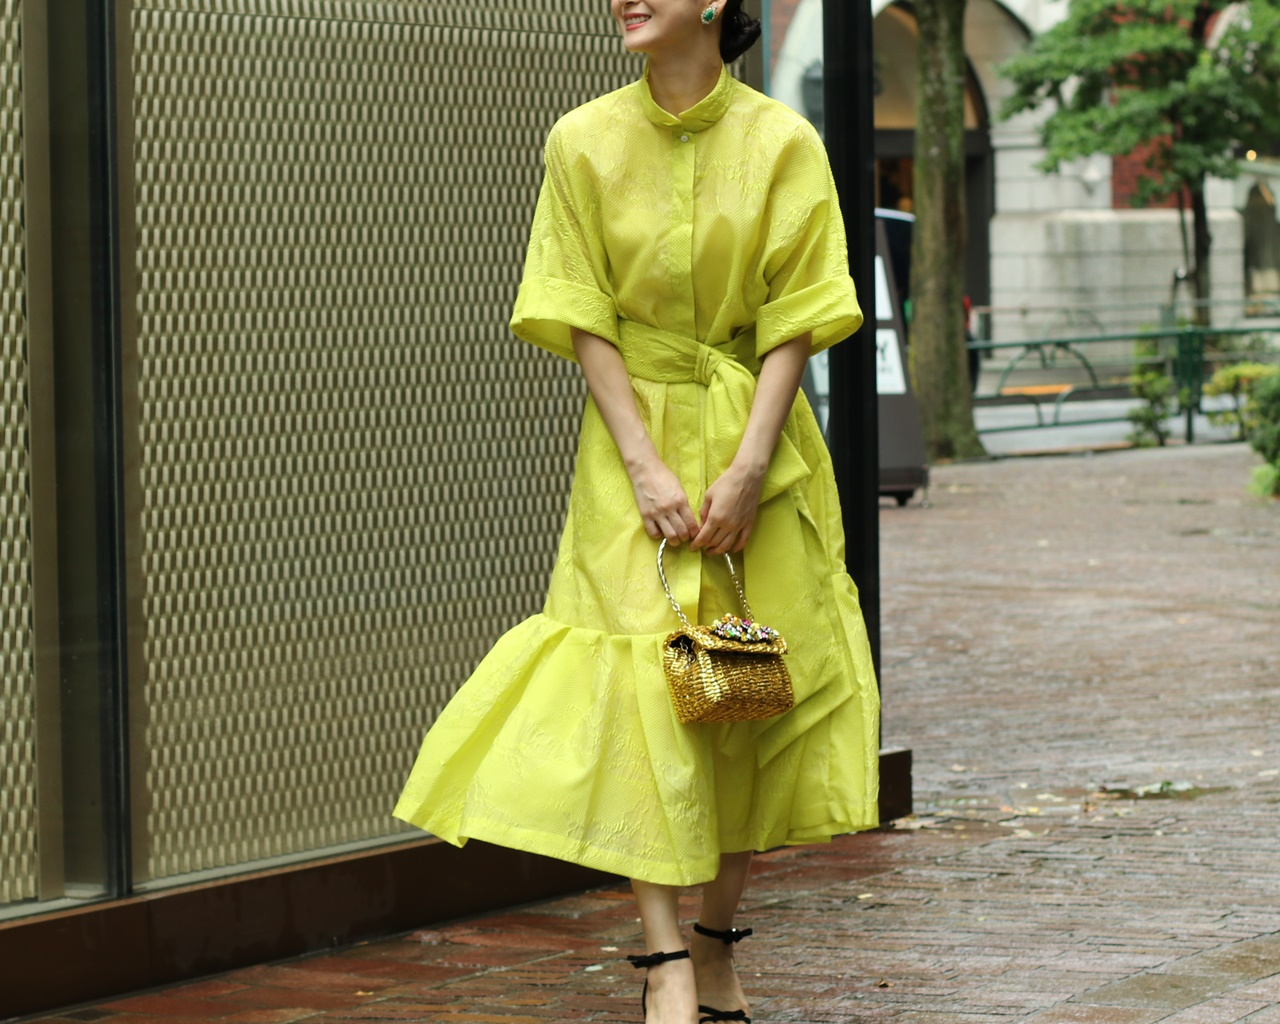 イエローベース(通称イエベ)の方におすすめのレンタルドレスはKhoon Hooi(クーン・フーイ)の黄色の社rつワンピース